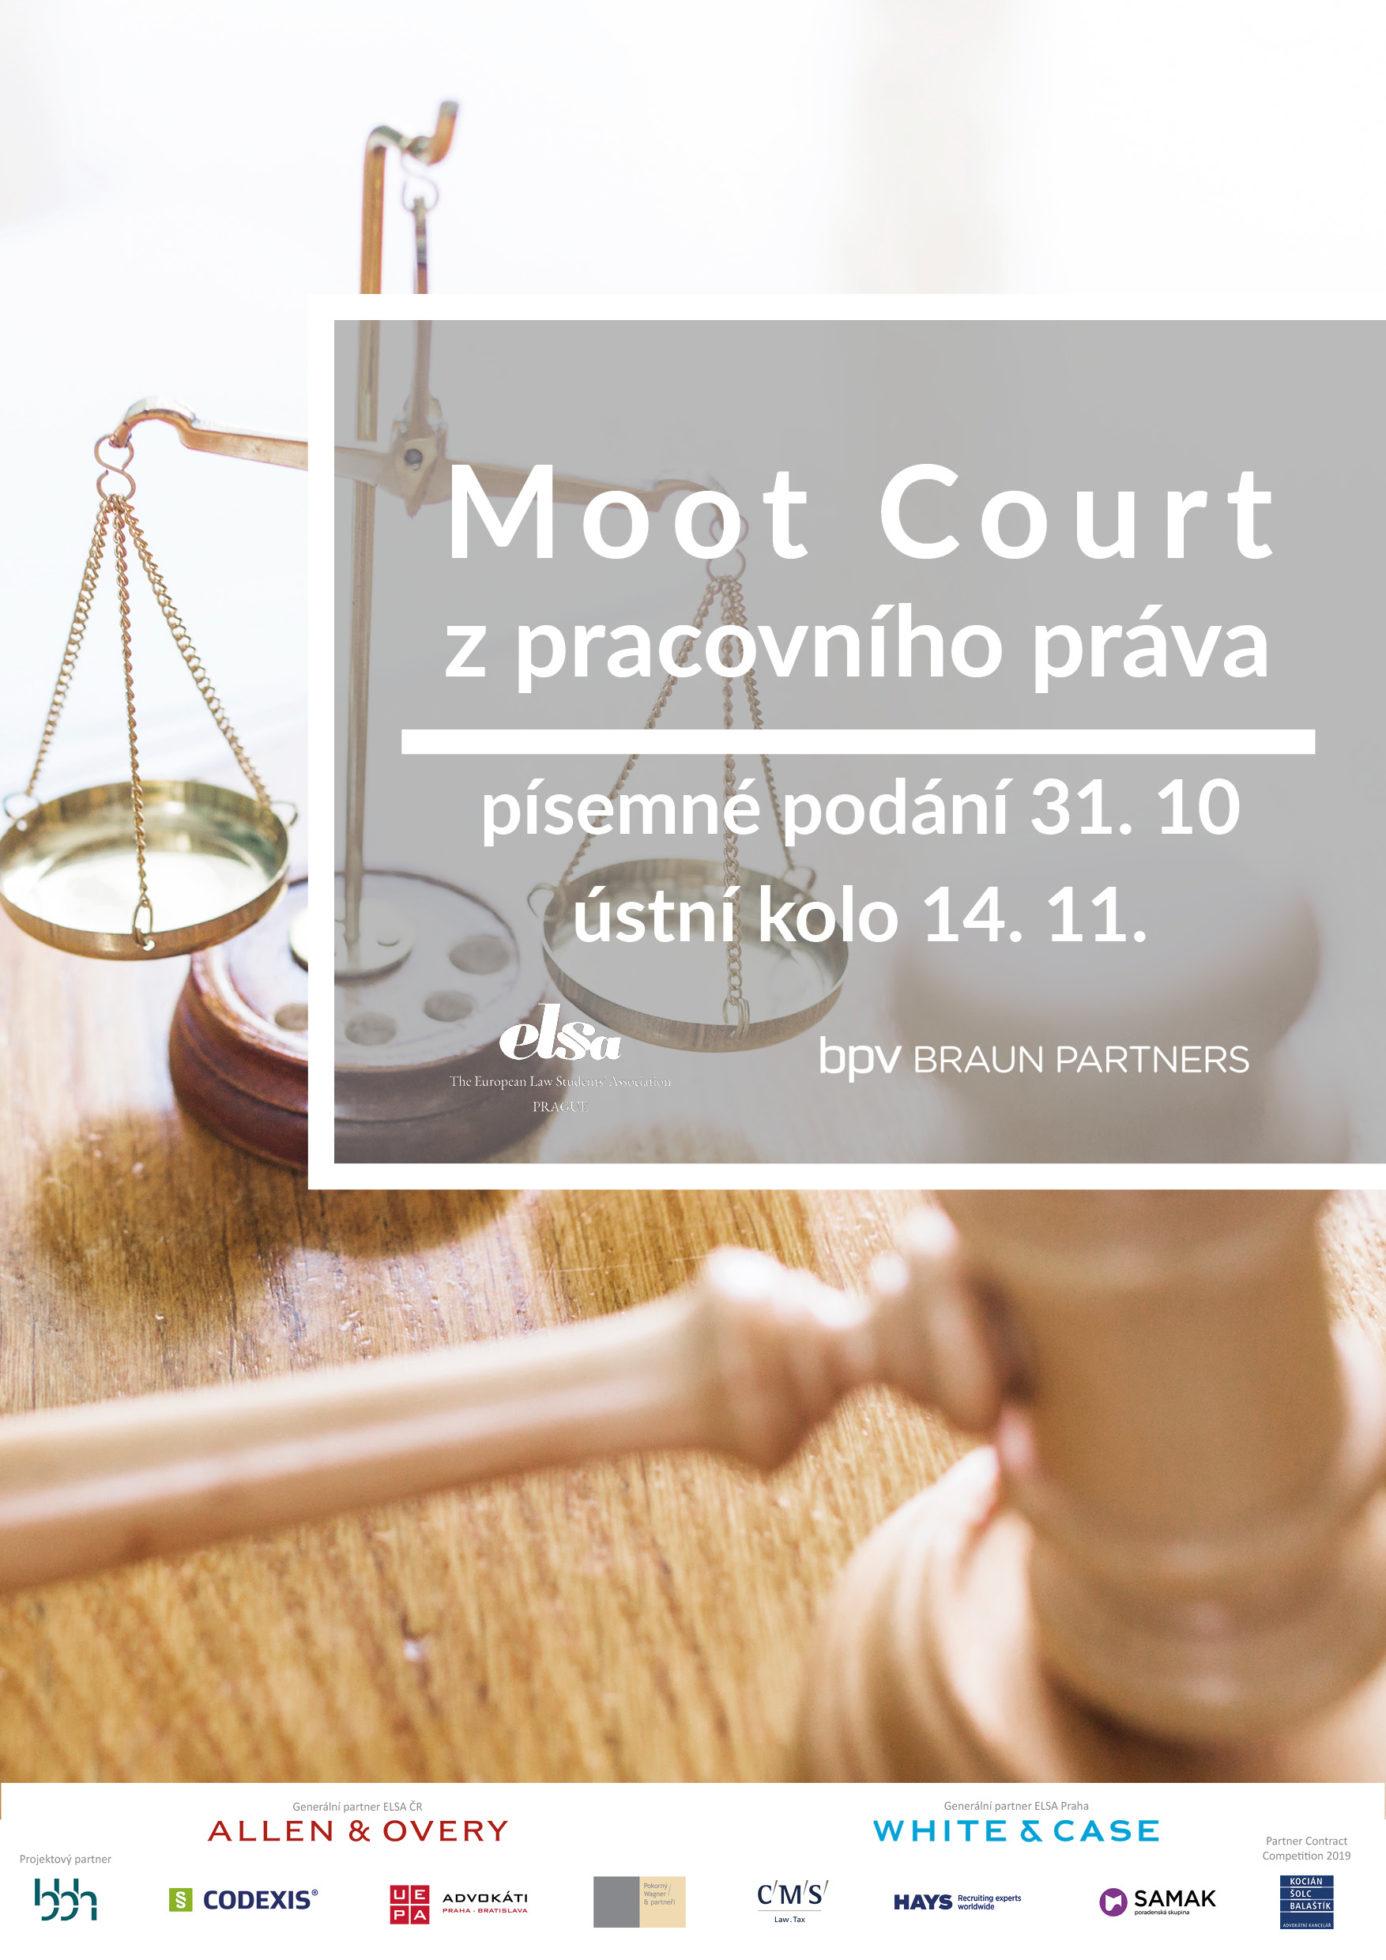 Moot Court z pracovního práva